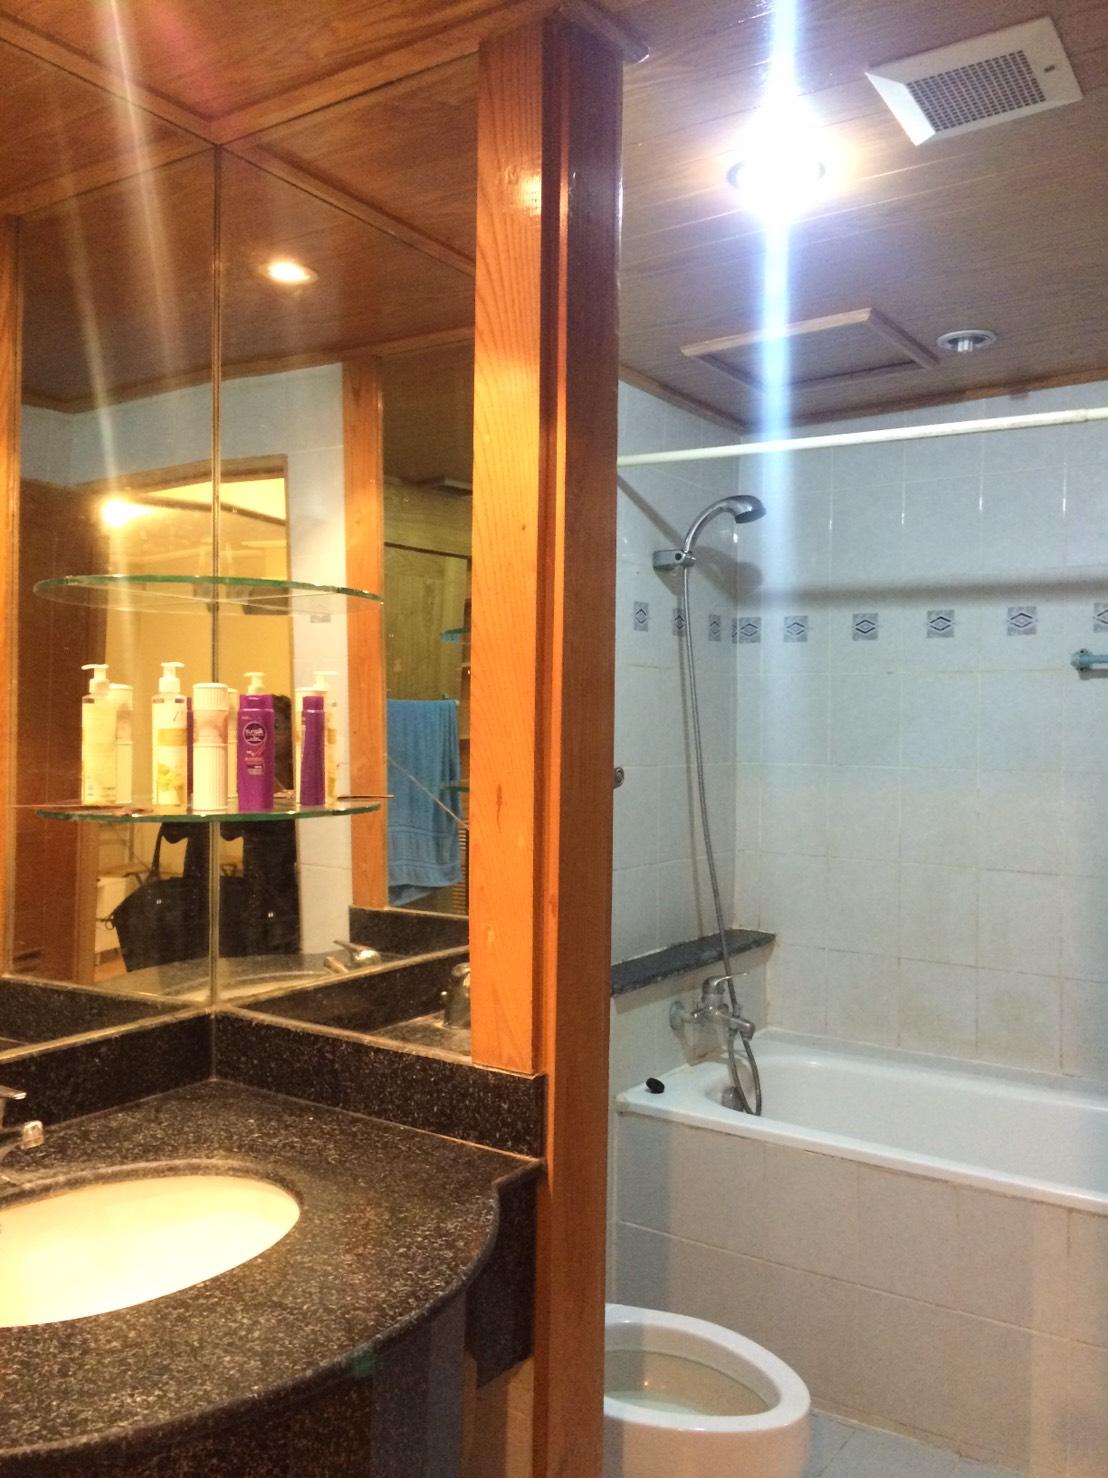 RE/MAX Properties Agency's RENT 1 Bedroom 47 Sq.m Baan Suk San 4